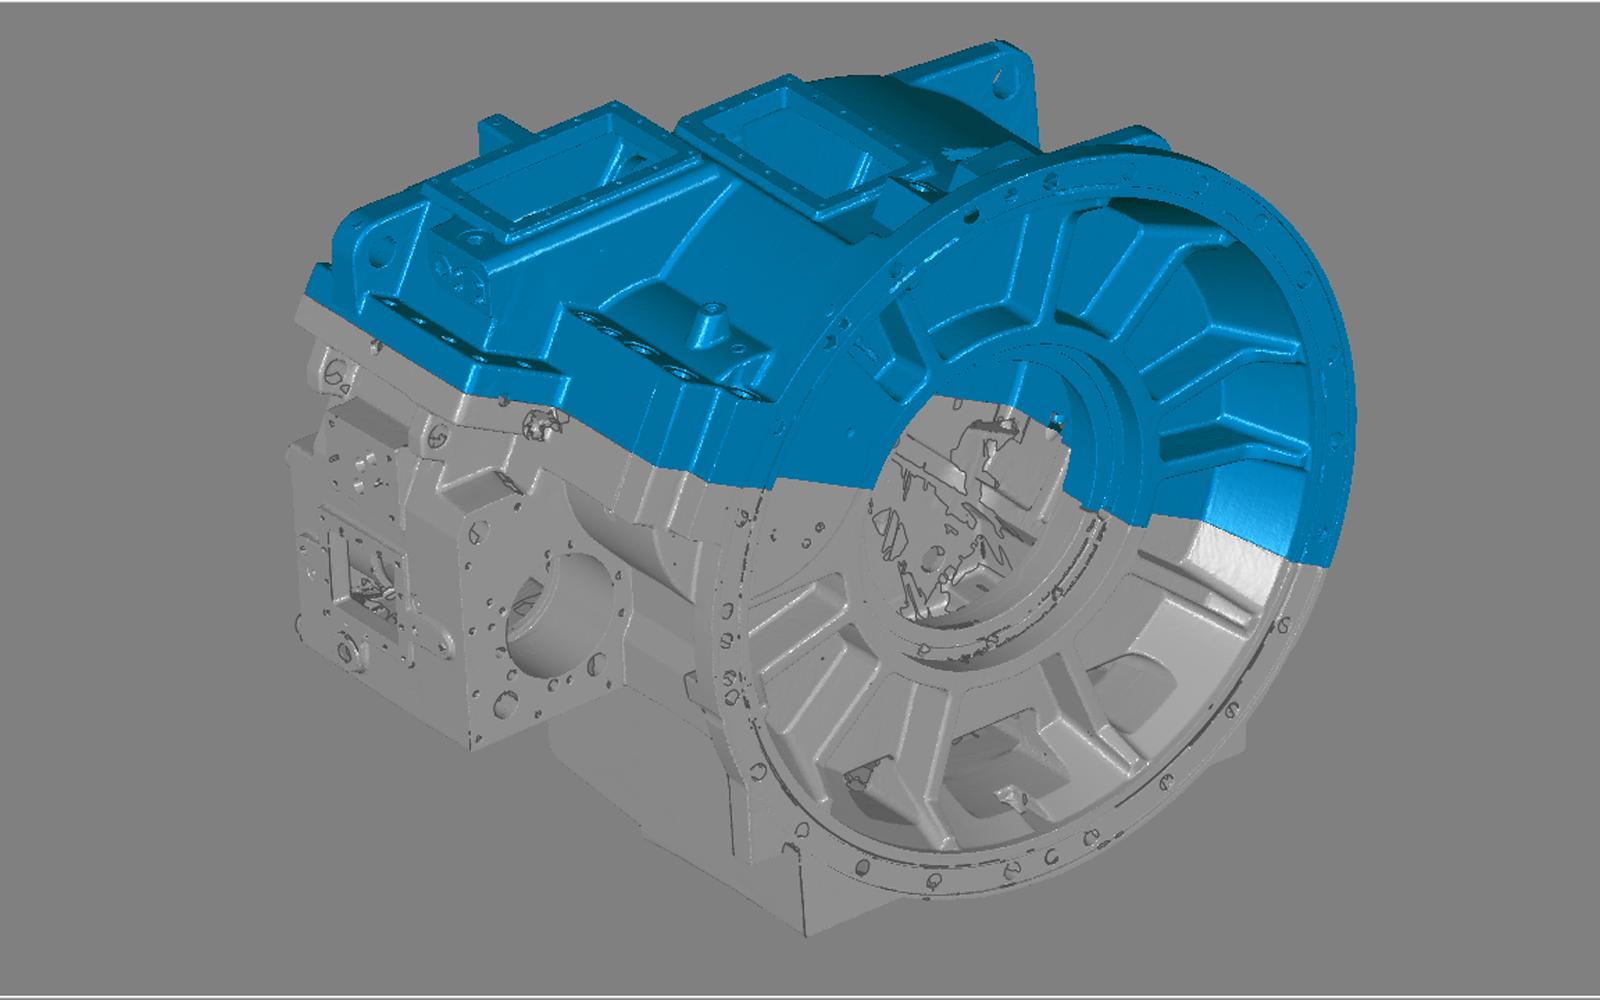 Conap 3D Reverse Engineering - Hardware Vorlage des Getriebegehäuses einer Windkraftanlage